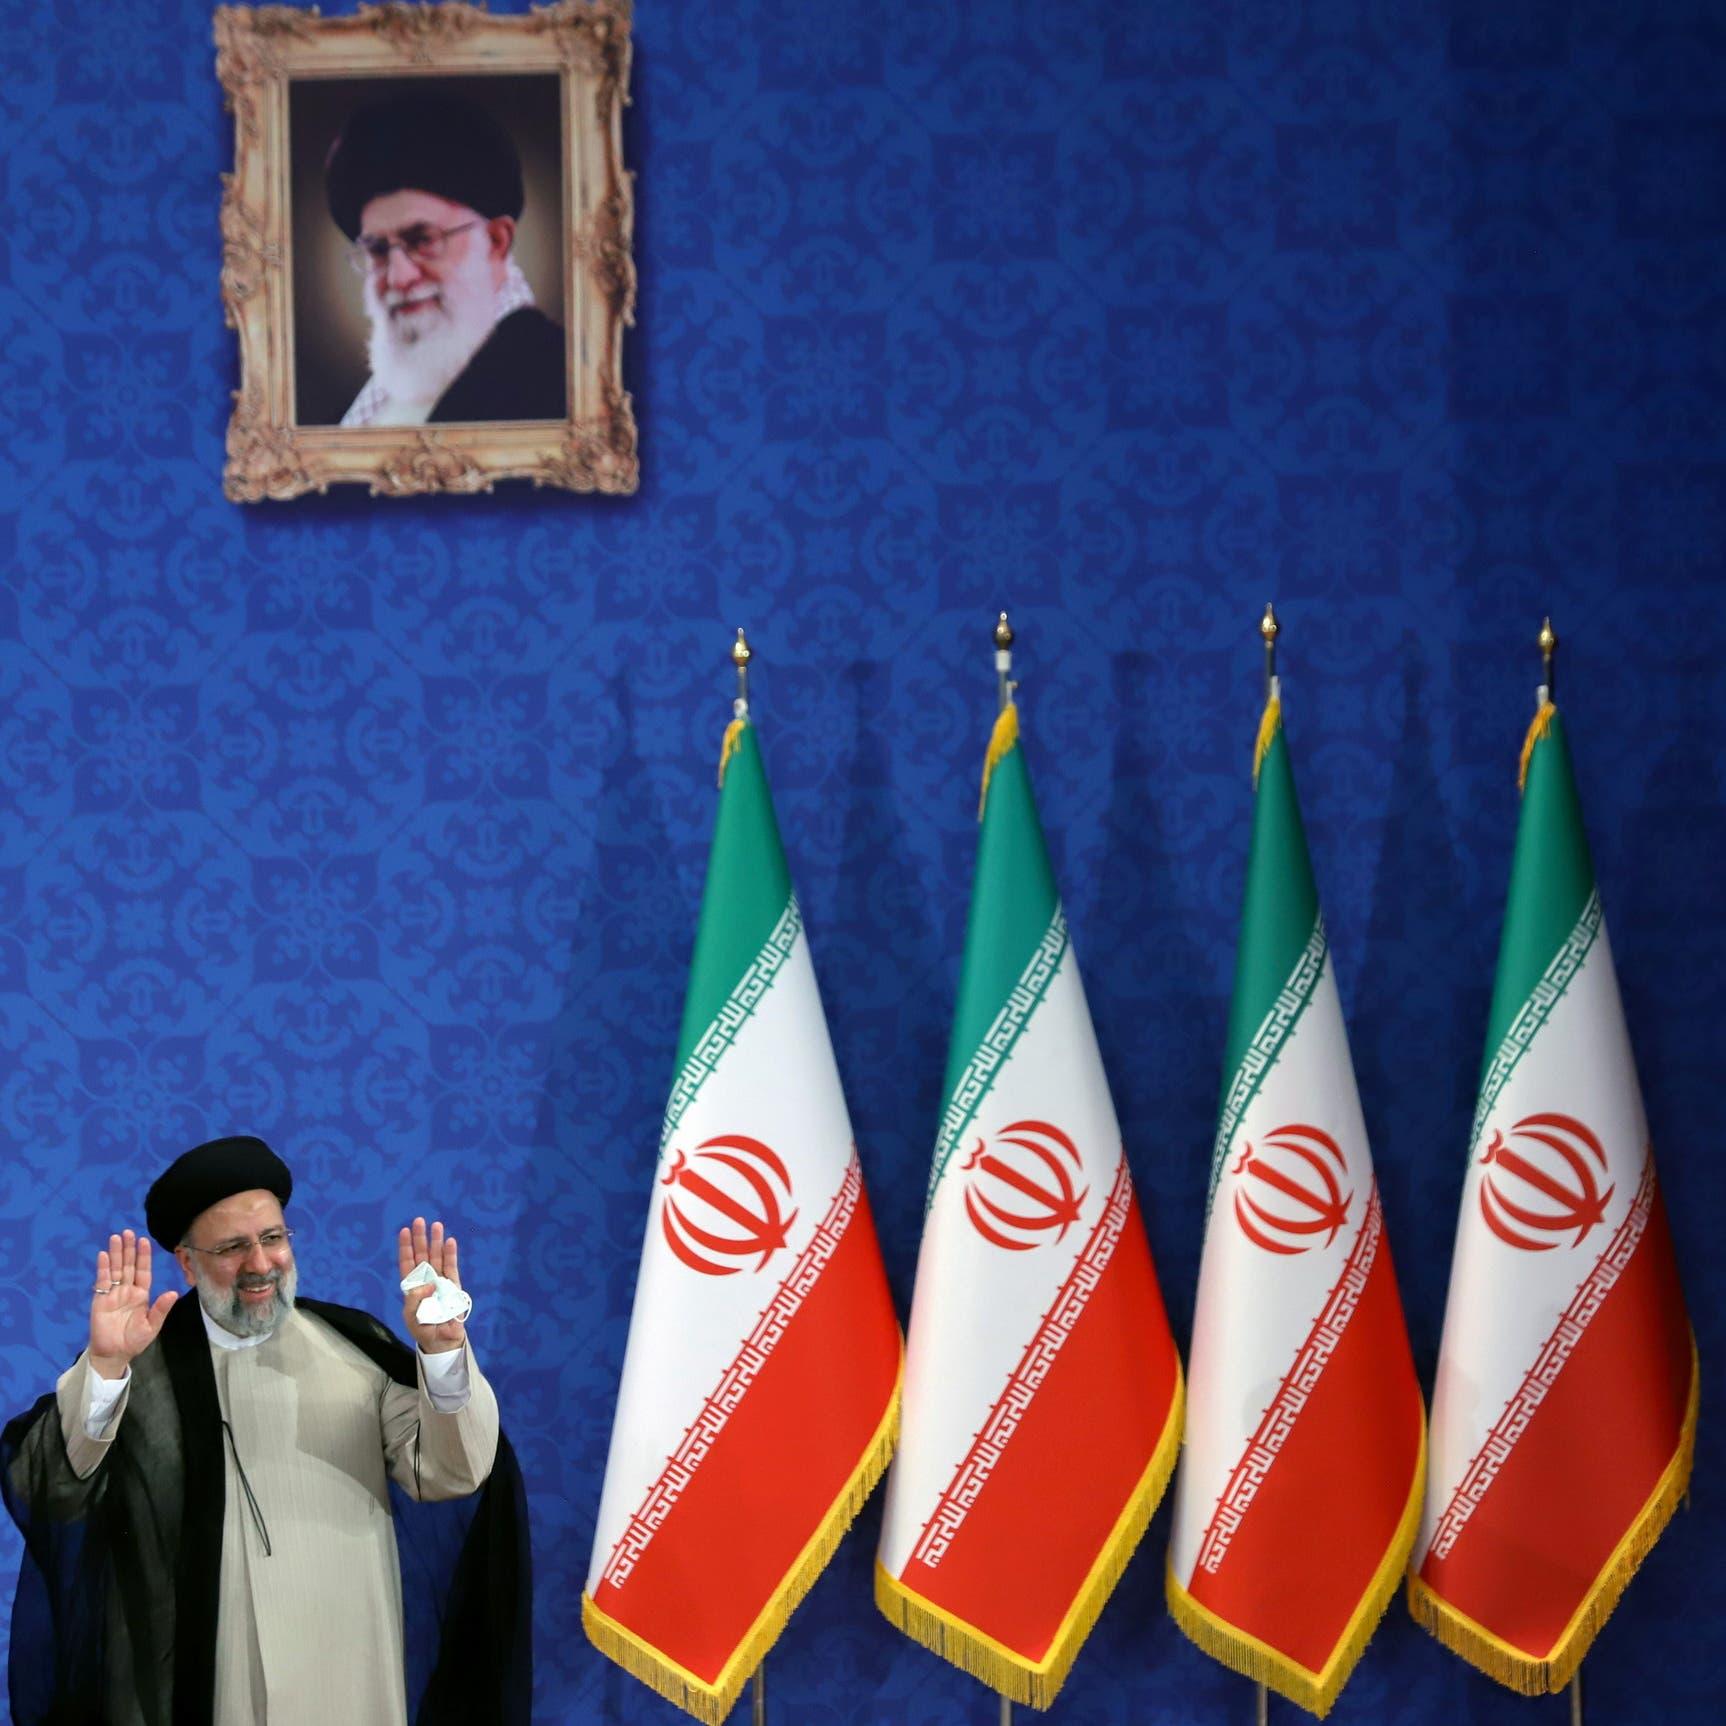 رئيسي: تحسين ظروف إيران الاقتصادية لن يرتبط بإرادة الأجانب